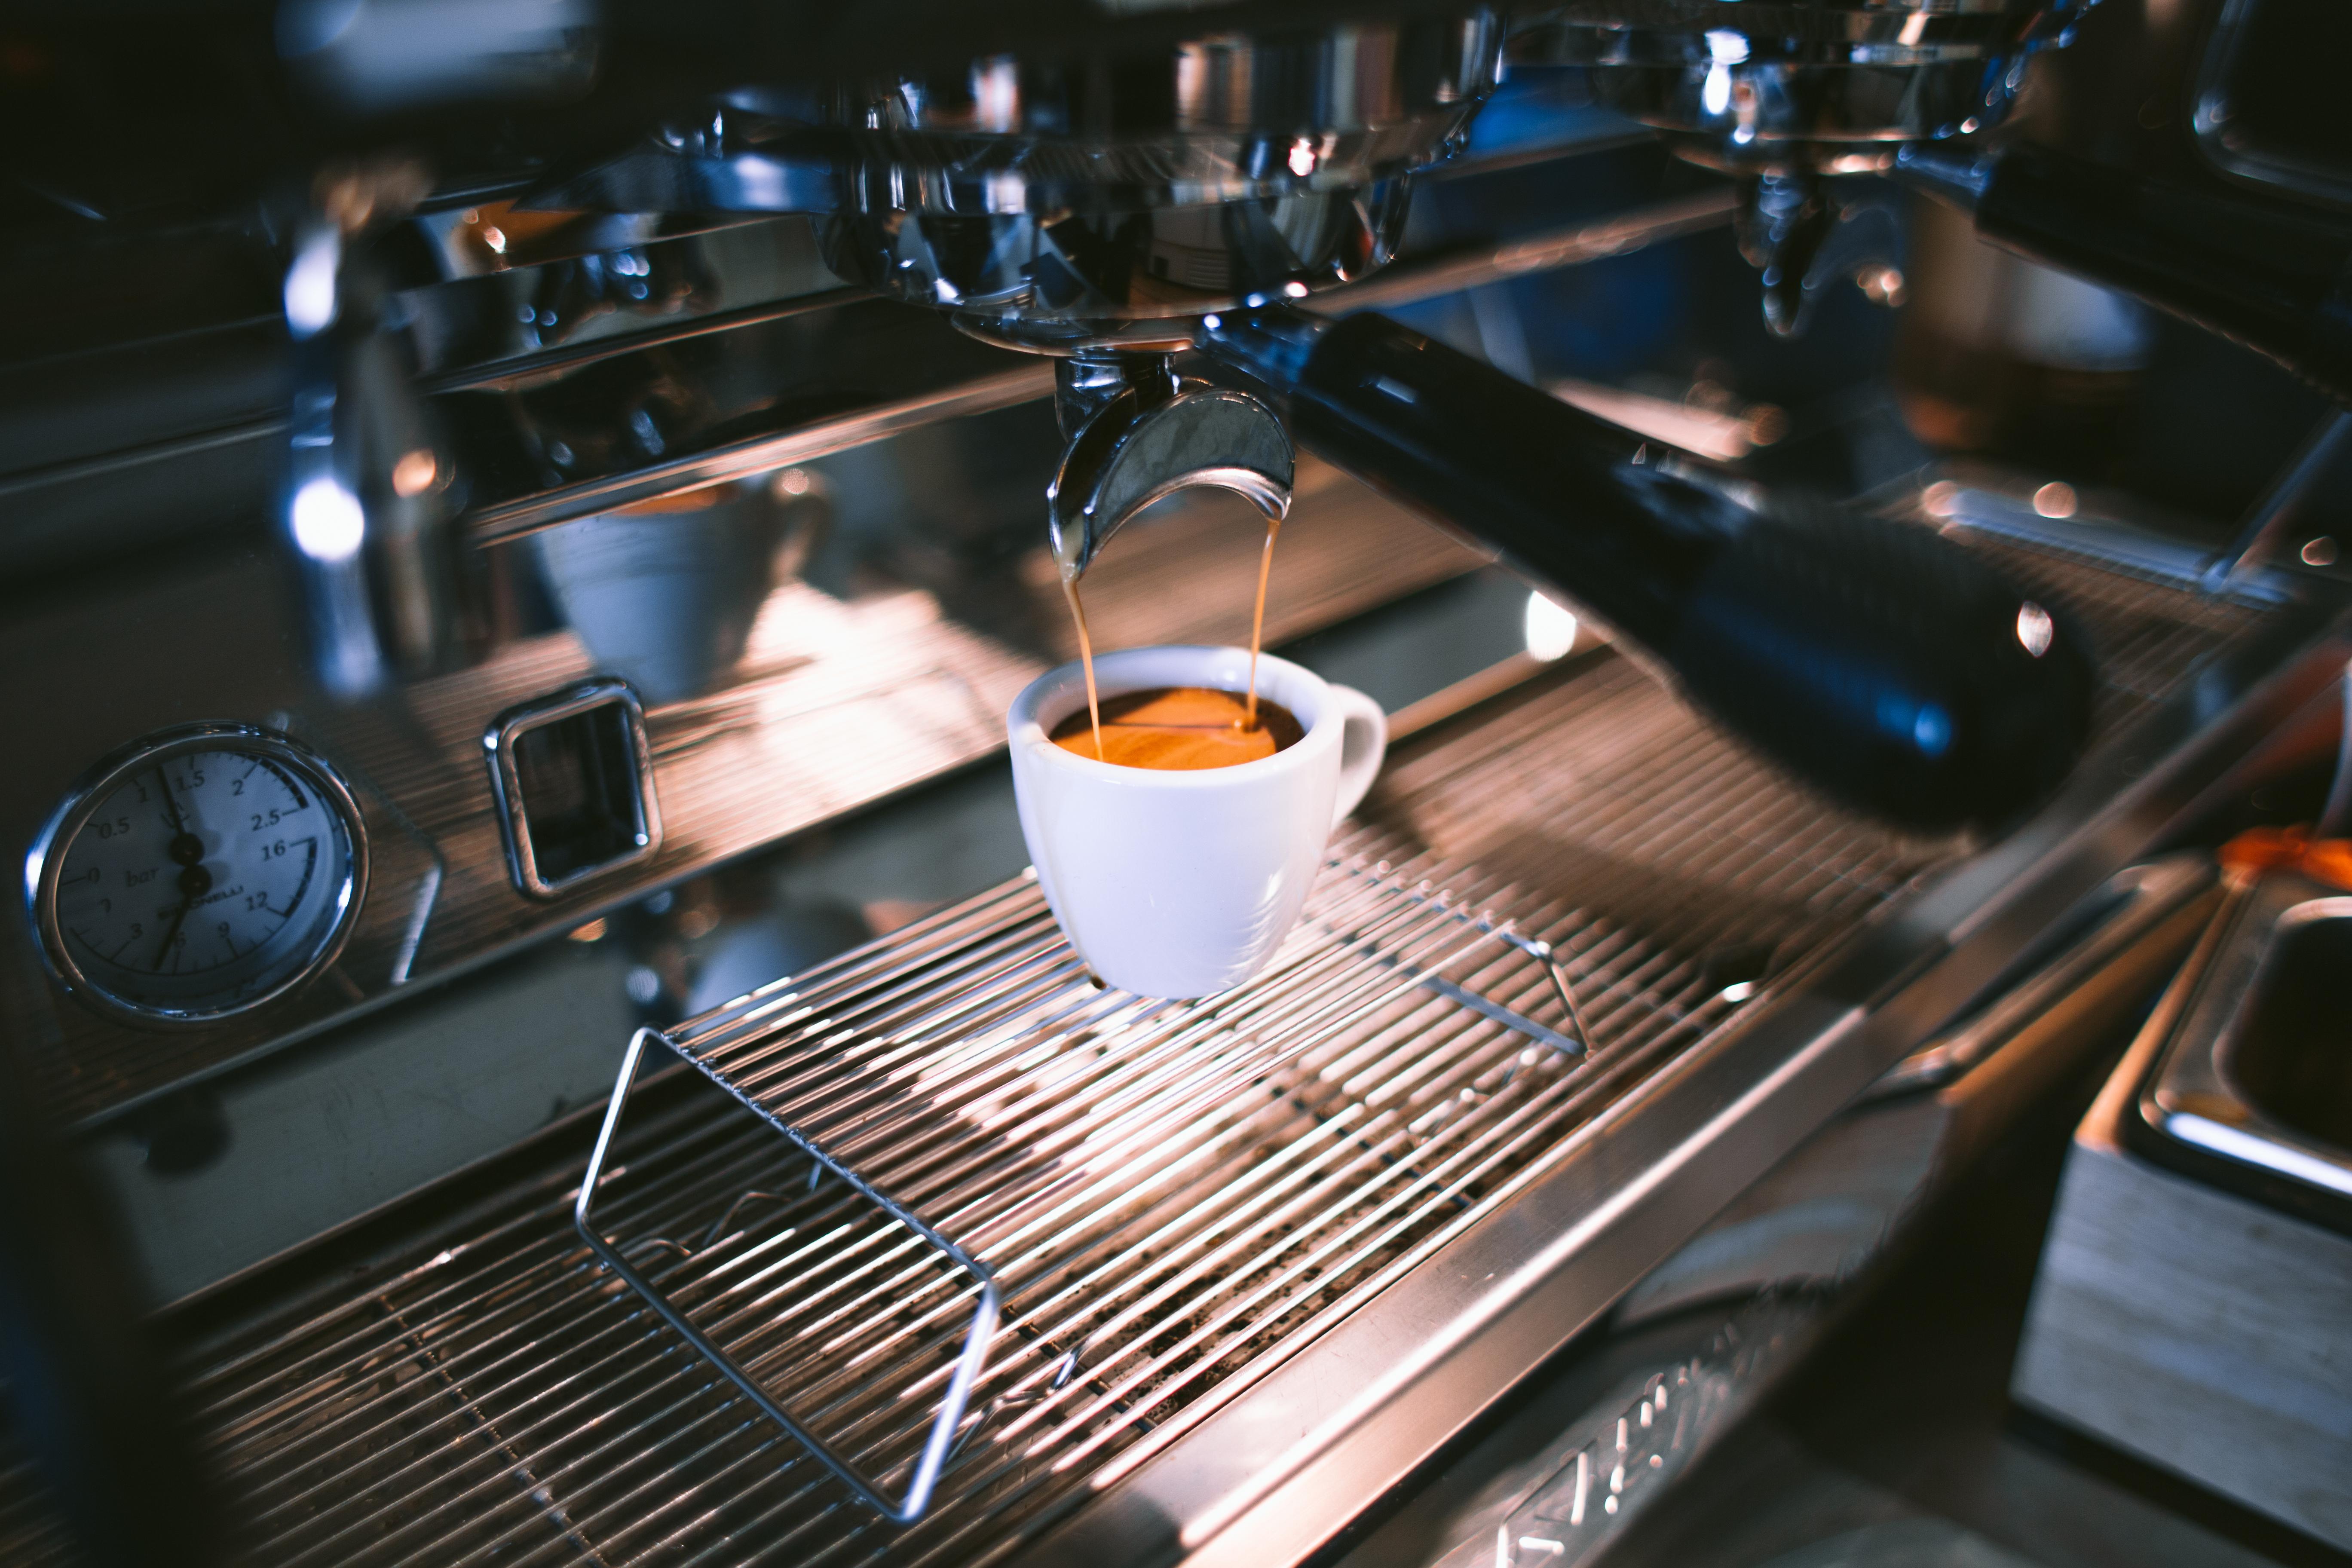 Koffie apparaat